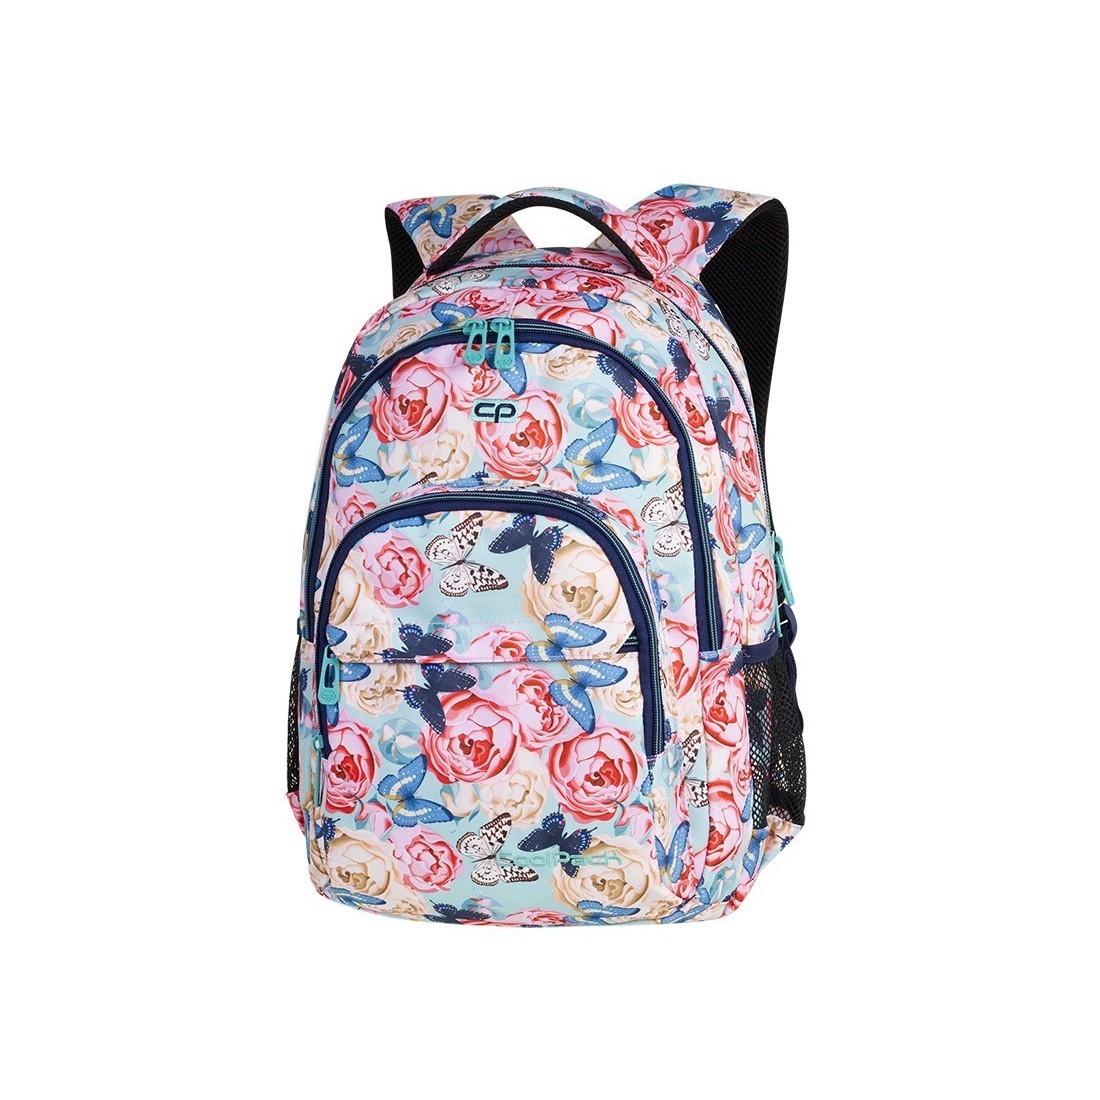 de7efa20cfe1e Plecak szkolny CoolPack CP BASIC PLUS BUTTERFLIES pastelowe róże i motyle  dla nastolatki - A161